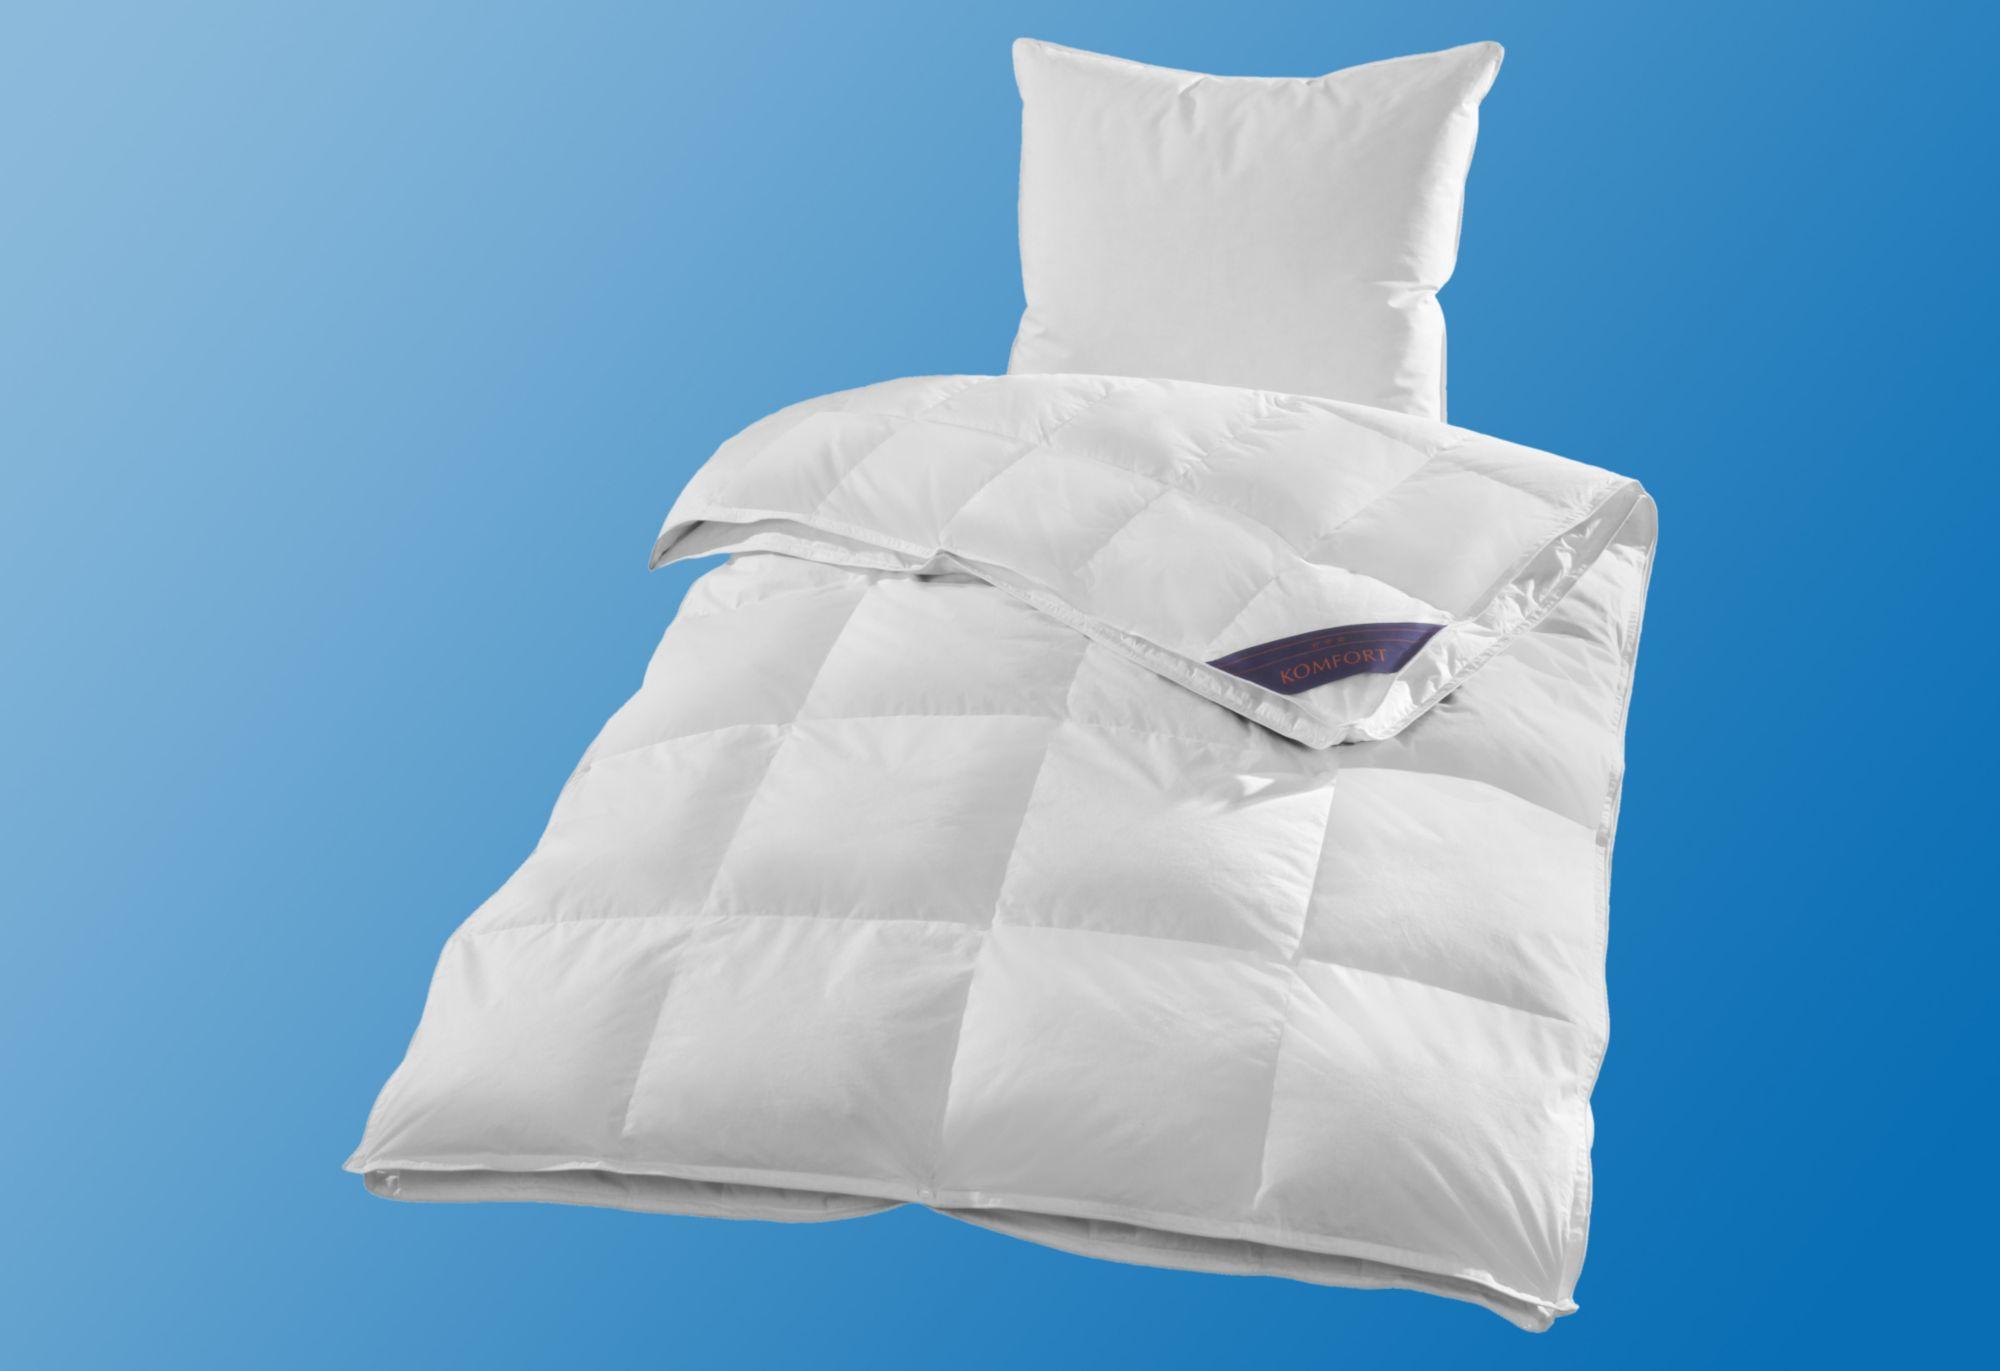 RIBECO 4-Jahreszeiten-Bettdecke Ribeco Jonas, 4-Jahreszeiten, in unterschiedlichen Füllqualitäten